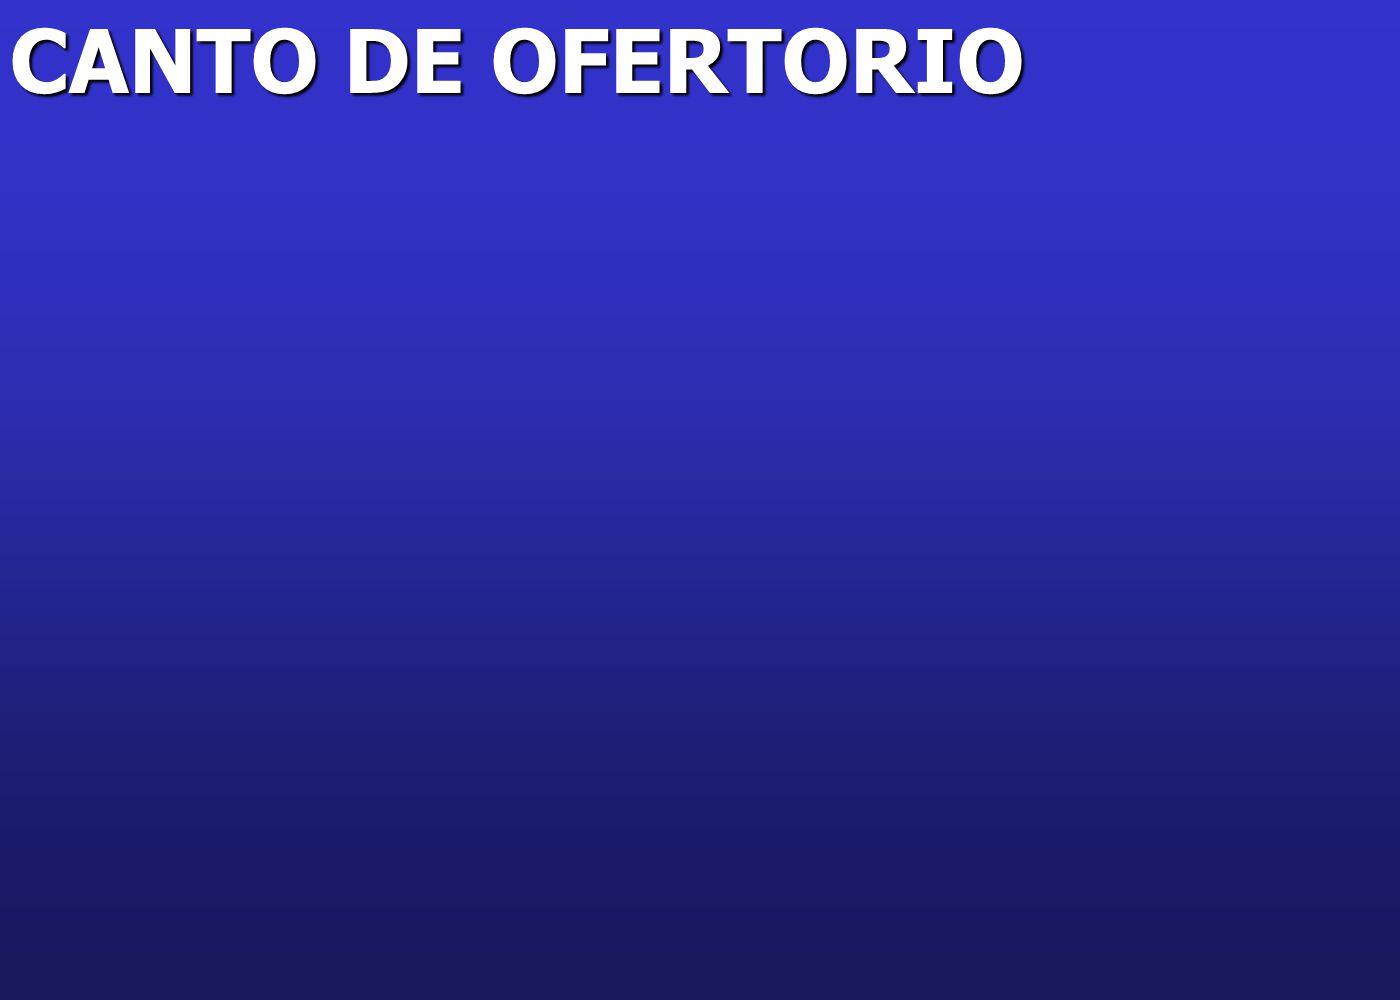 CANTO DE OFERTORIO